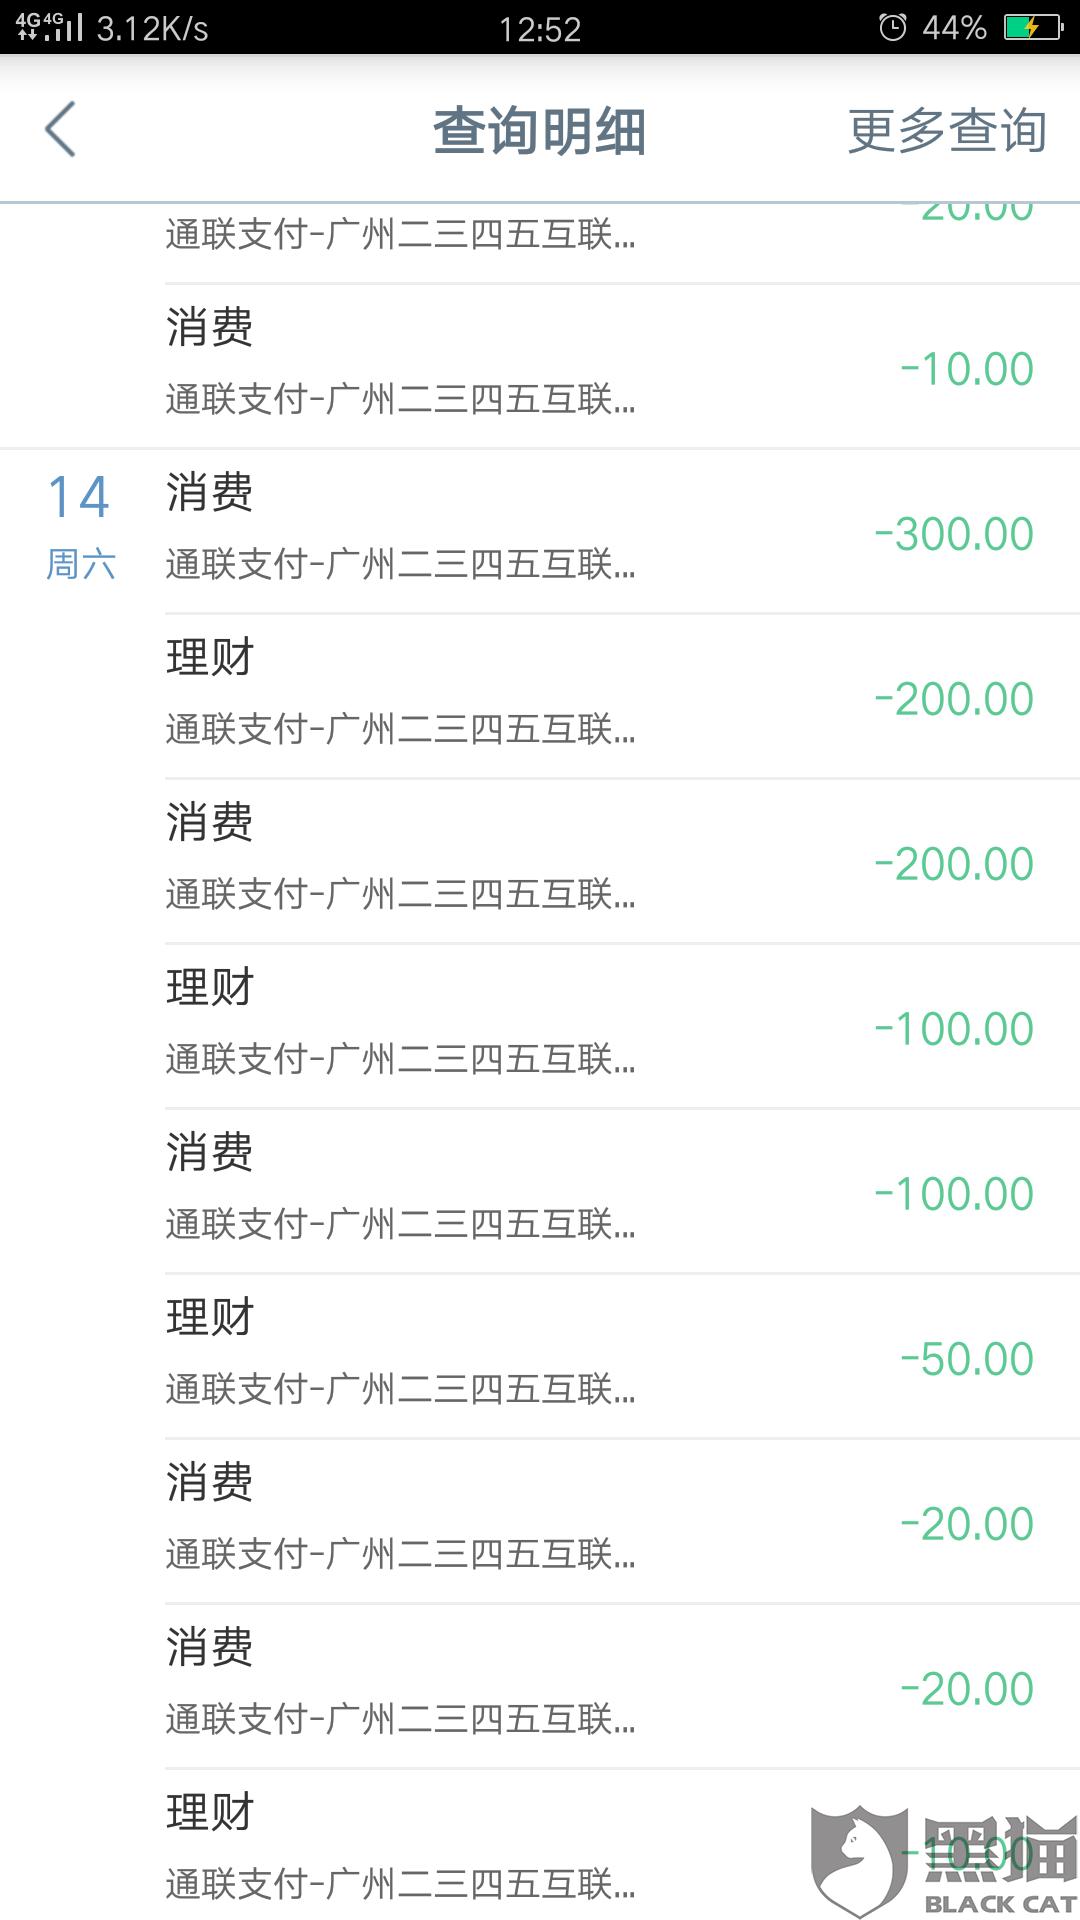 黑猫投诉:通联支付-广州2345互联网小额贷   恶意扣费